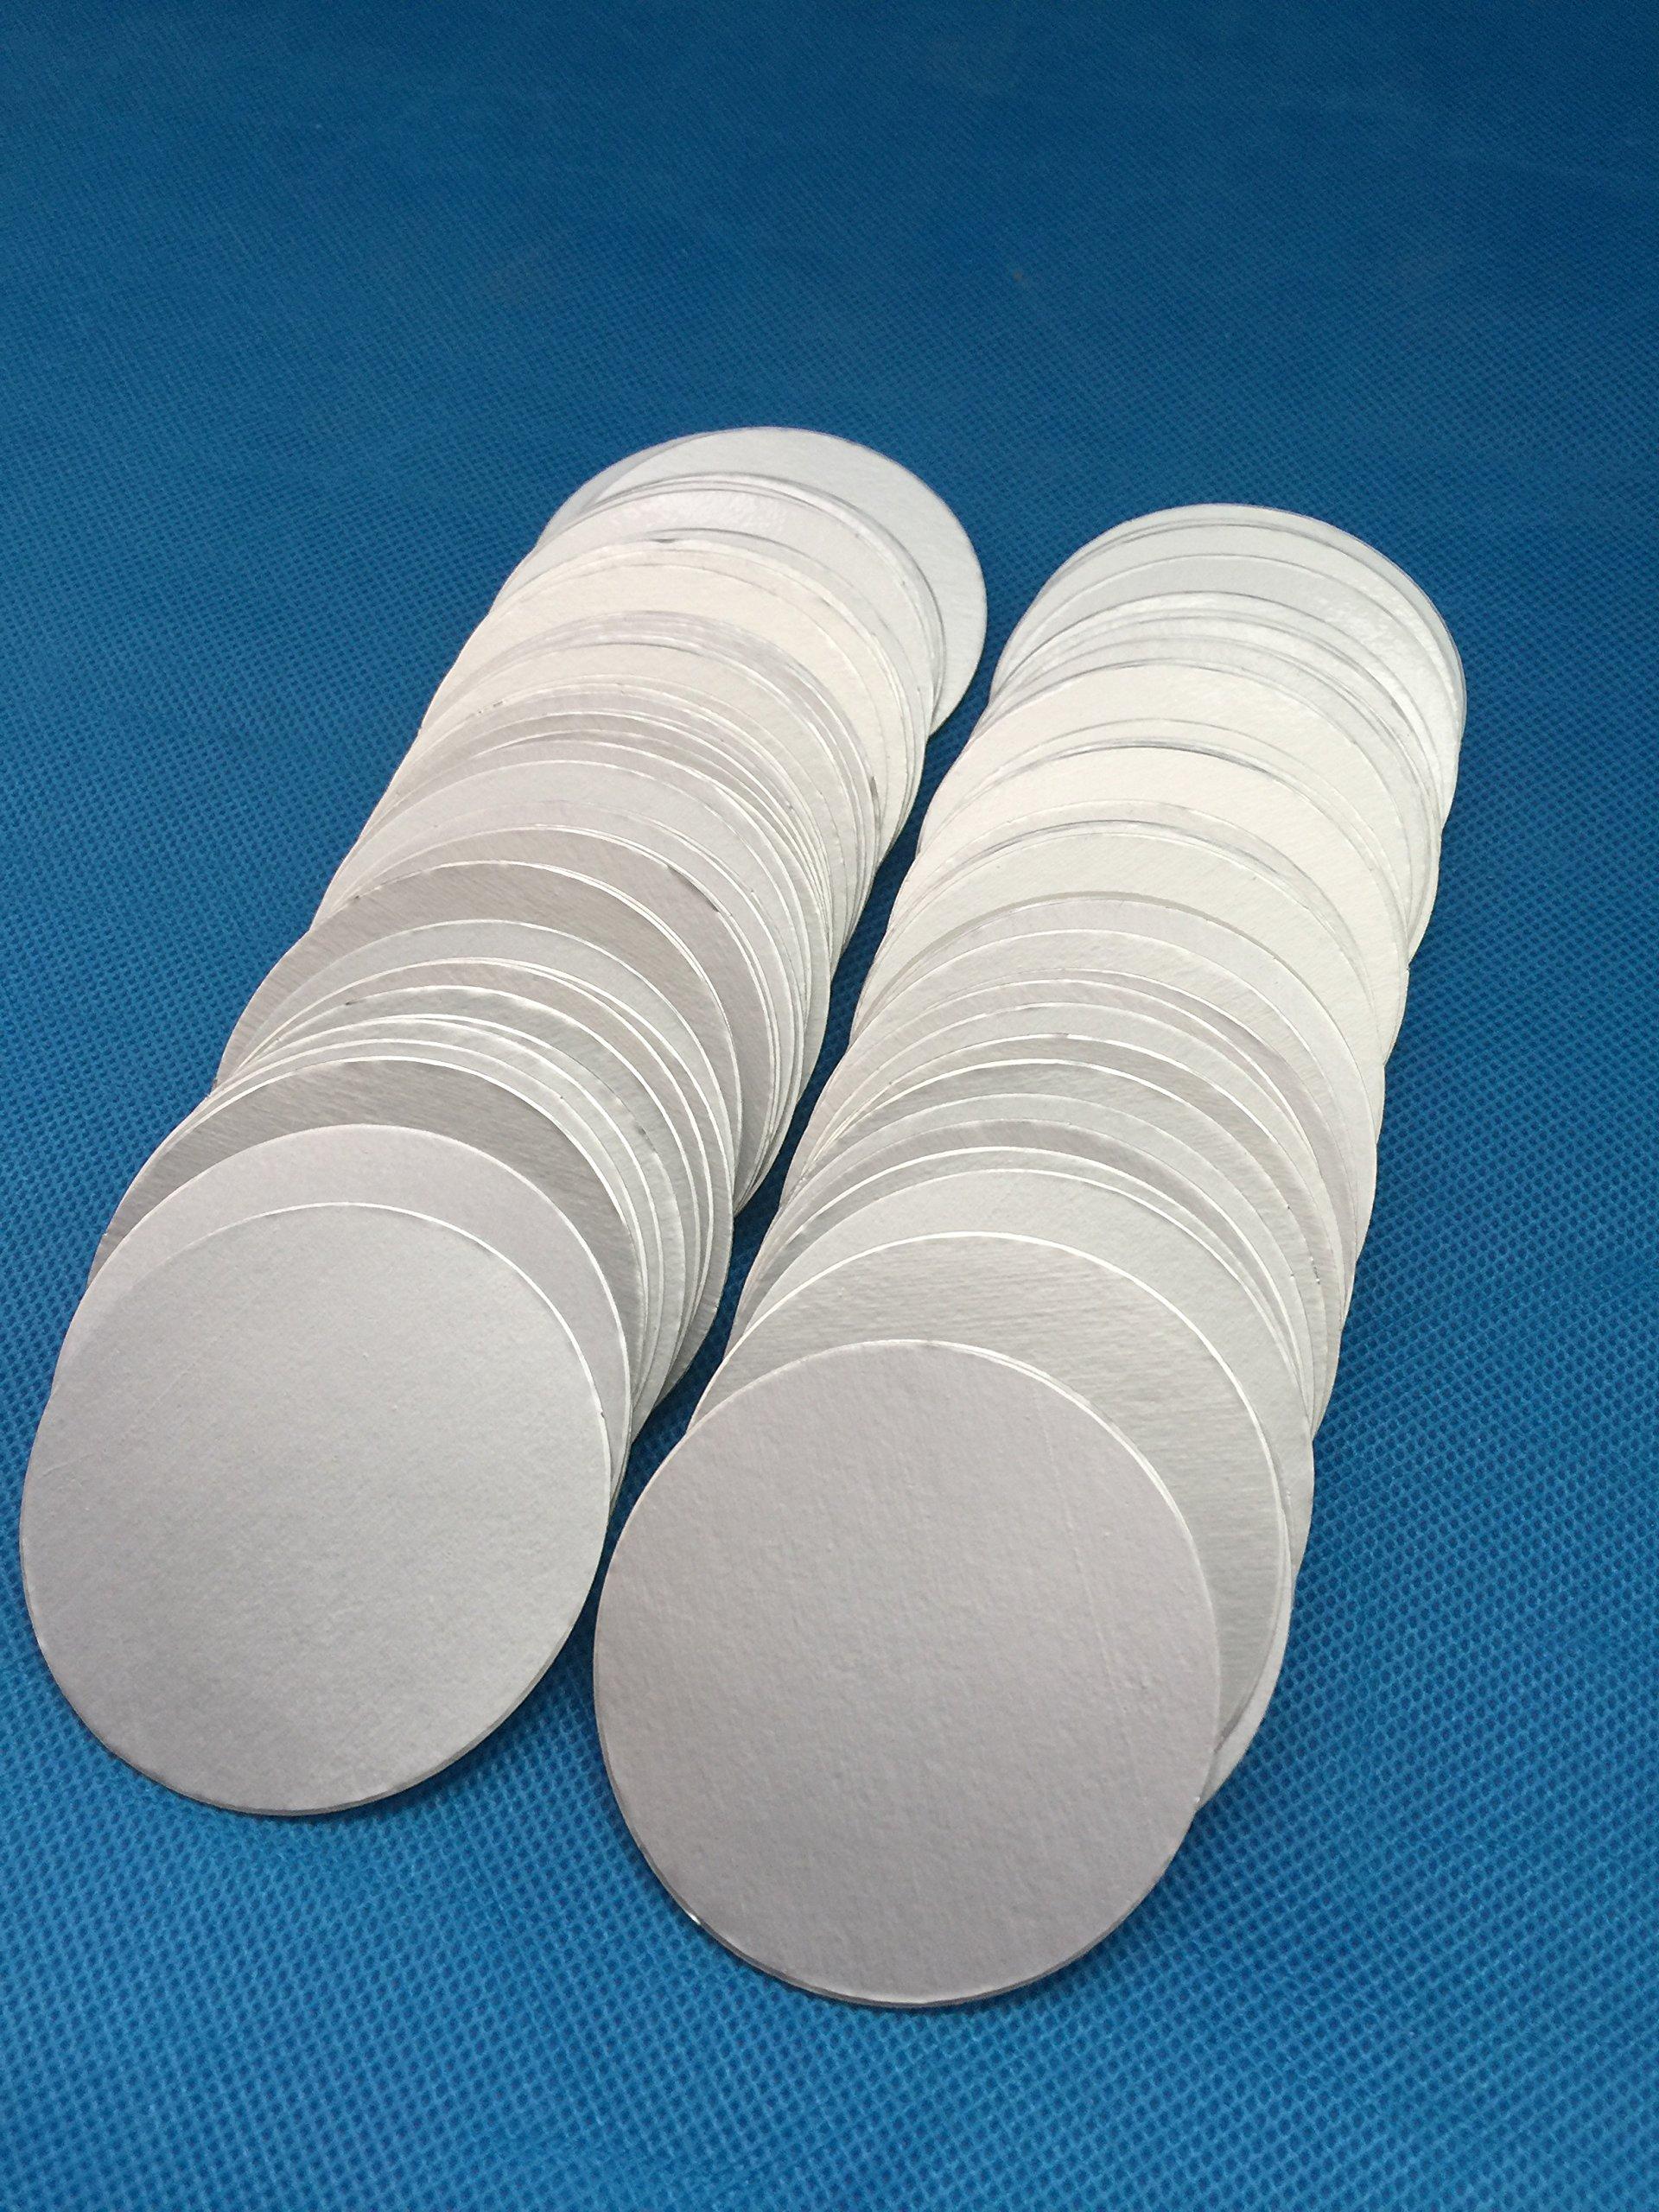 Uuni-WT HDPE bottle cap 77mm plactic laminated aluminum foil lid liners (5000pcs) by Bonny&T (Image #2)